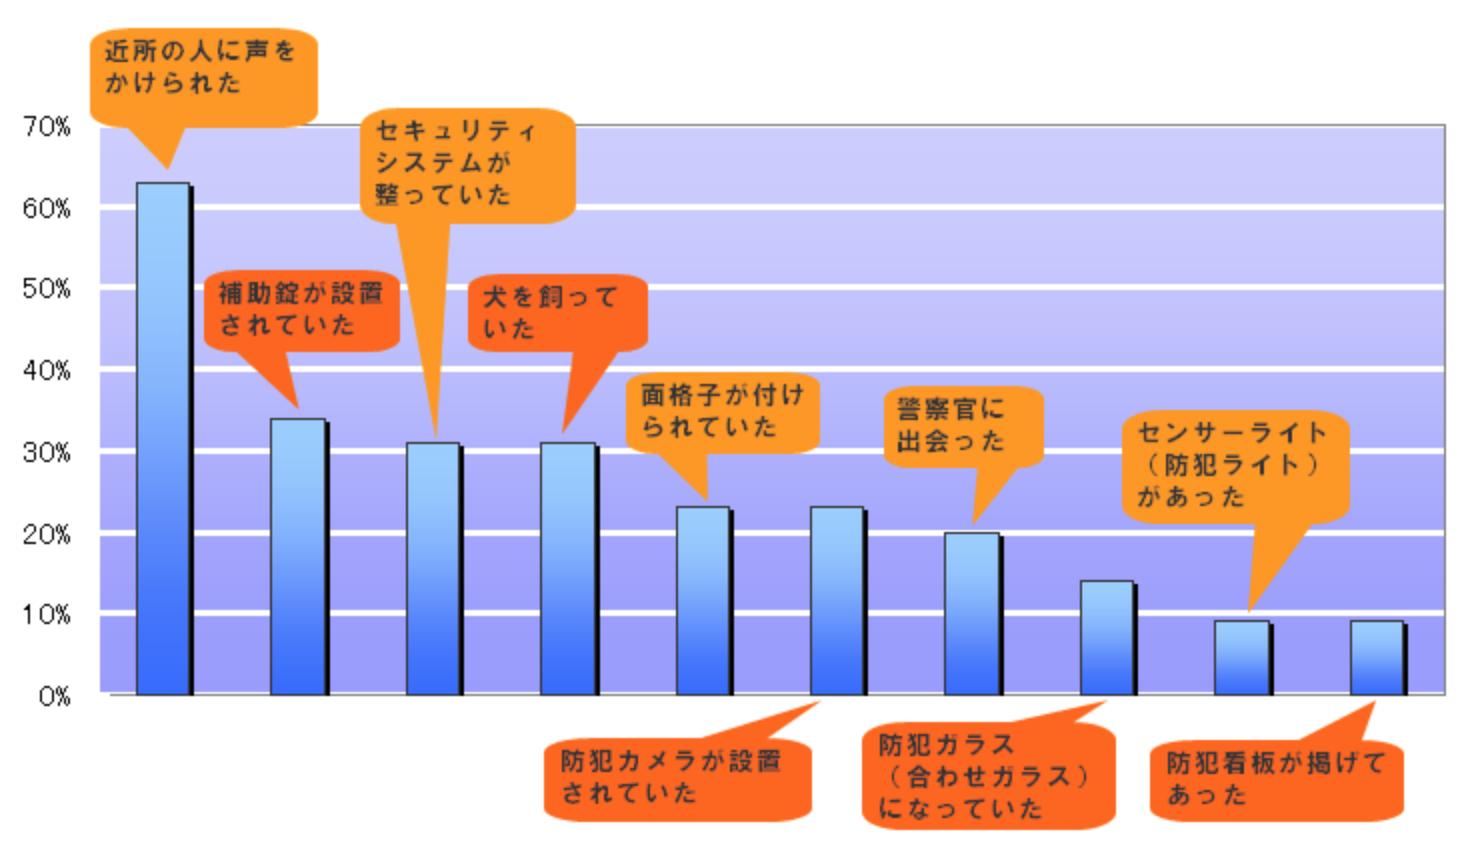 空き巣が諦める理由のグラフ